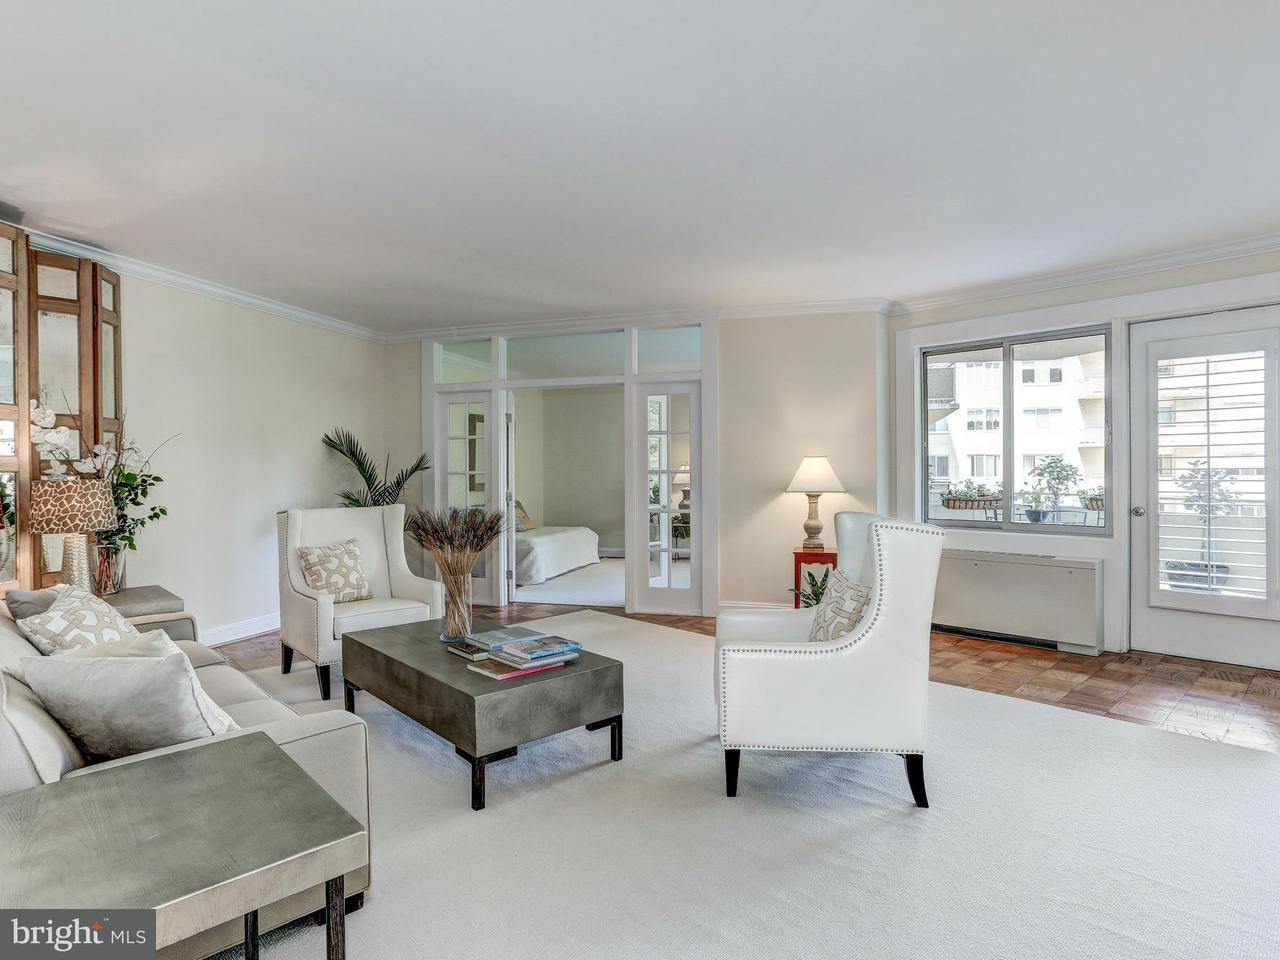 共管式独立产权公寓 为 销售 在 2801 New Mexico Ave Nw #715 2801 New Mexico Ave Nw #715 华盛顿市, 哥伦比亚特区 20007 美国